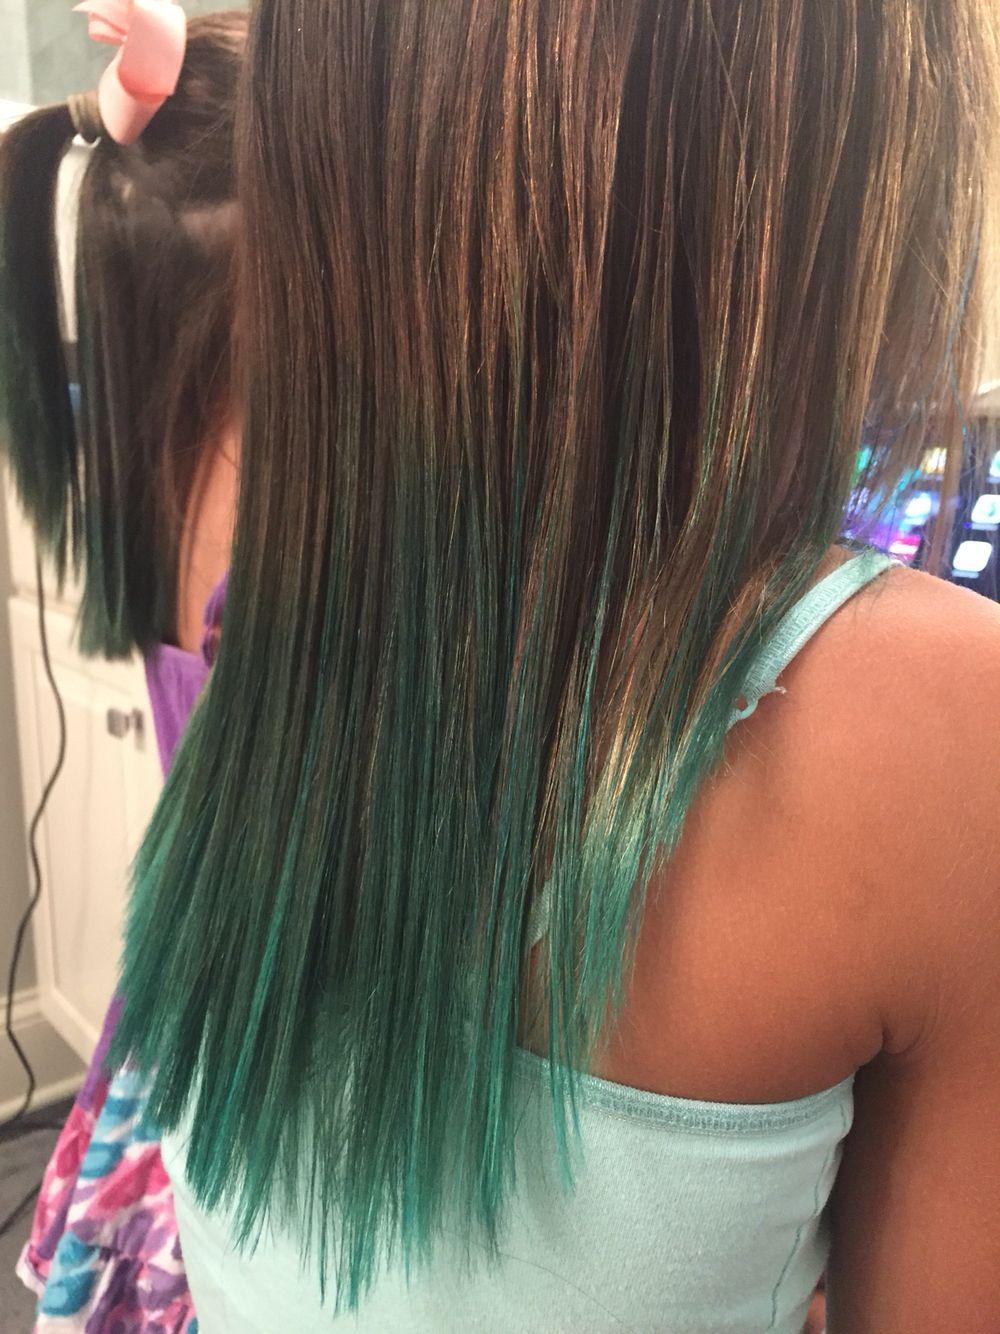 Kool Aid Hair Dye For Girls 3 Packets Blue Raspberry Koolaid 15